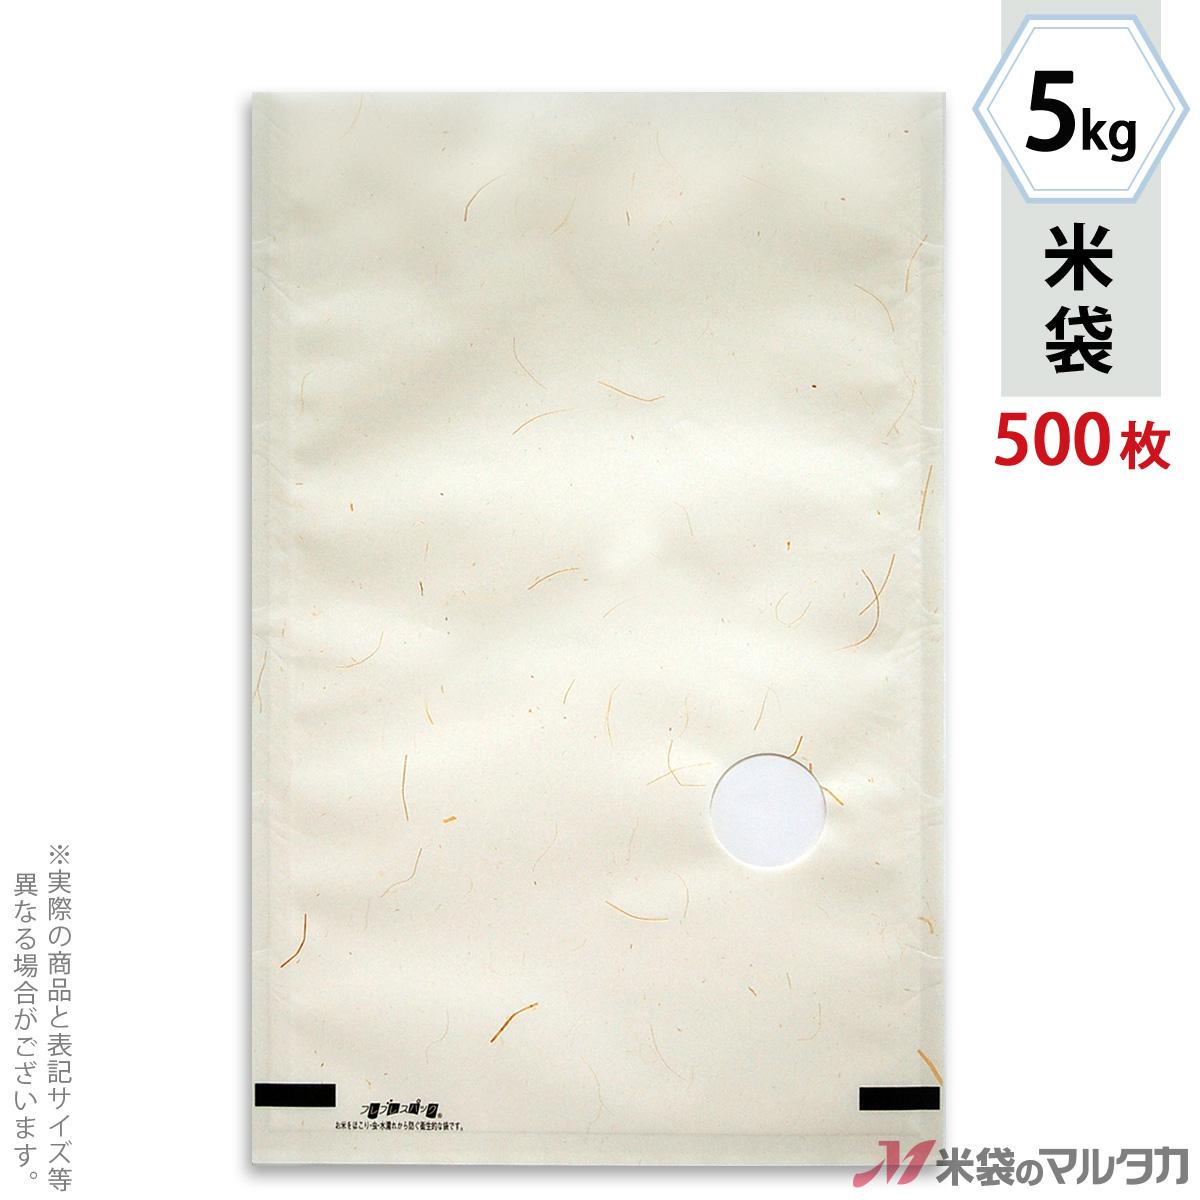 お米の安心に確かな実績 海外並行輸入正規品 フレブレスパック 5kg用 米袋 わら模様高級和紙 フレブレス 人気急上昇 1ケース 500枚入 窓付 5kg MK-3000